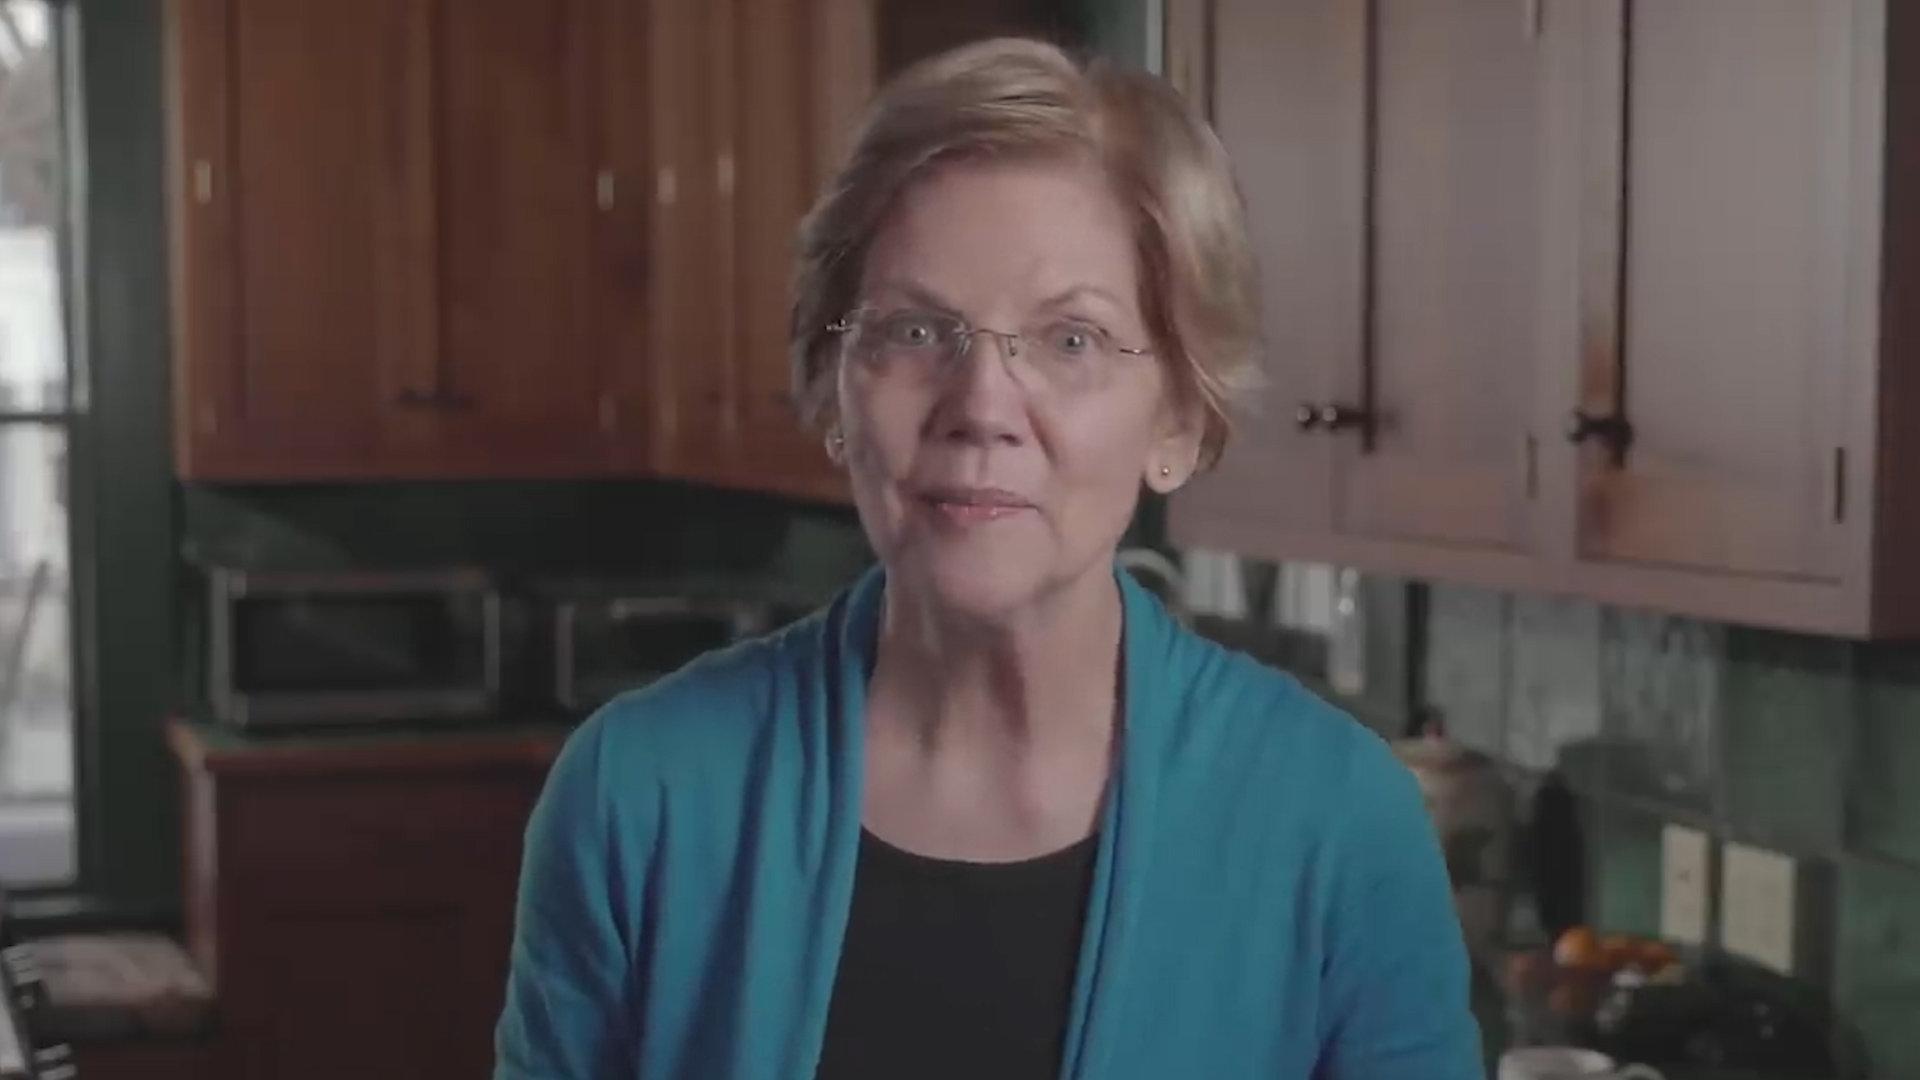 엘리자베스 워렌 2020년 대선 첫 공식 행보